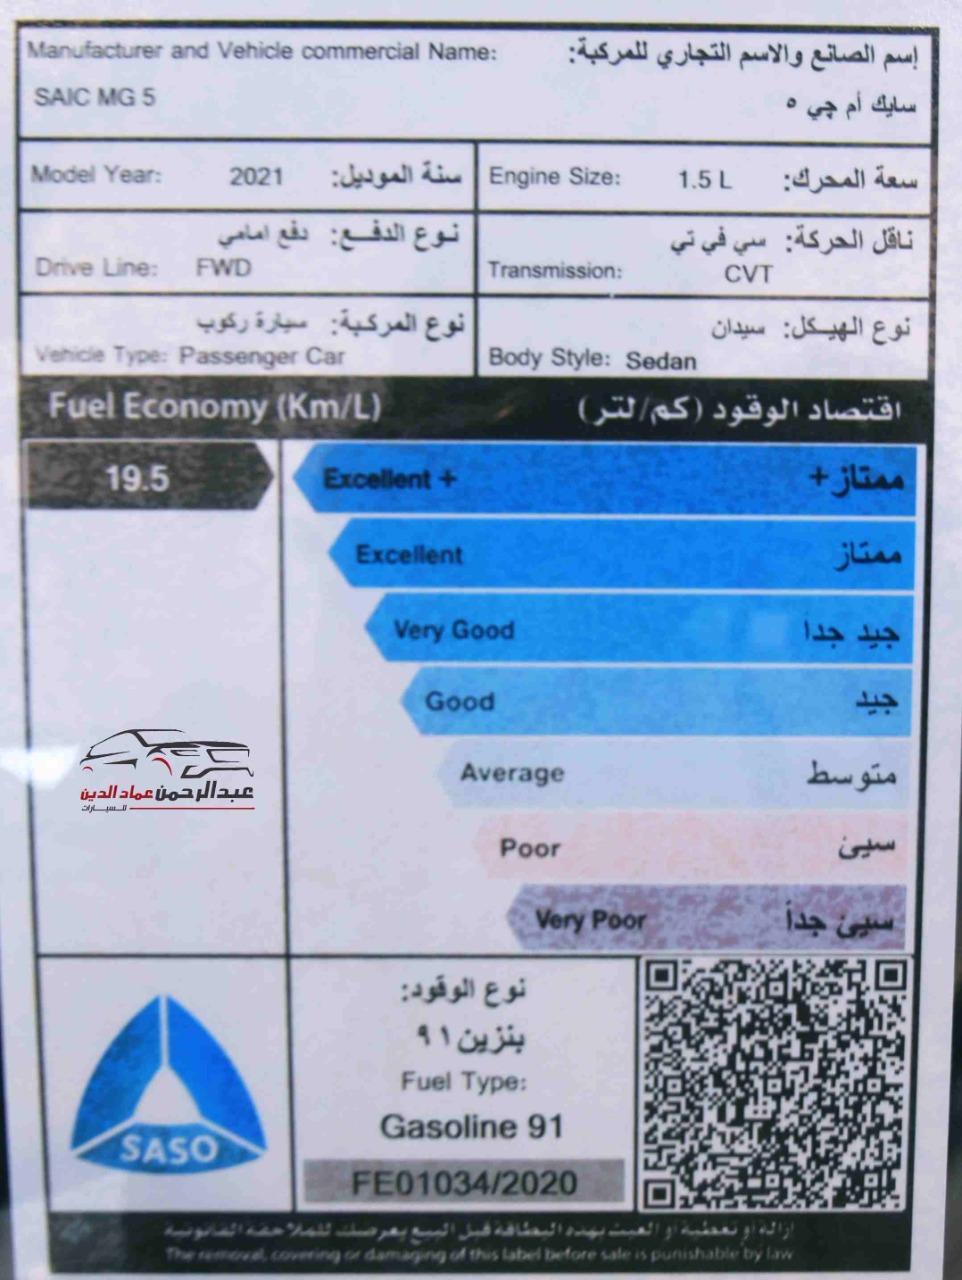 ام جي 5 نص فل 2021 مثبت سرعه سعودي_شامل الضريبه للبيع في الرياض - السعودية - صورة كبيرة - 5